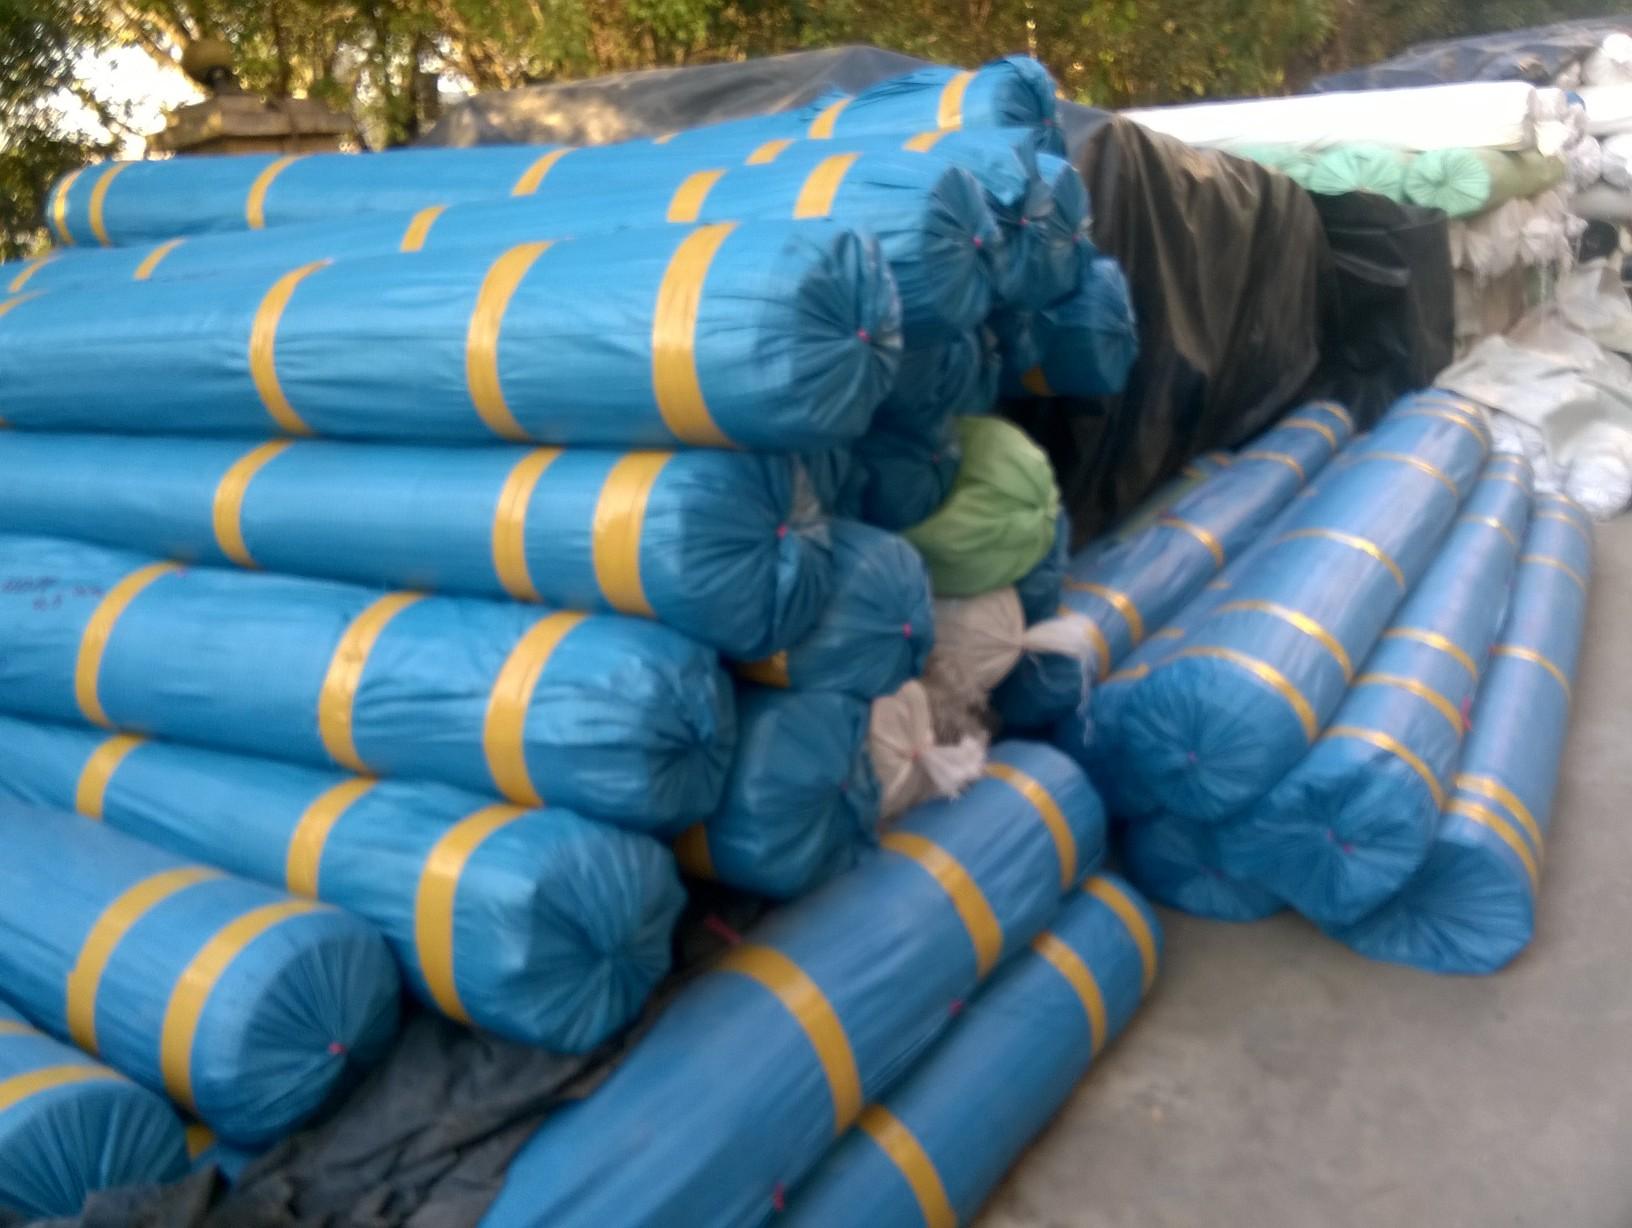 Bạt Lót Hồ Chứa Nước Nuôi Tôm, Nuôi Cá, Bạt Nhựa HDPE Lót Ao Chống Thấm Bình Dương